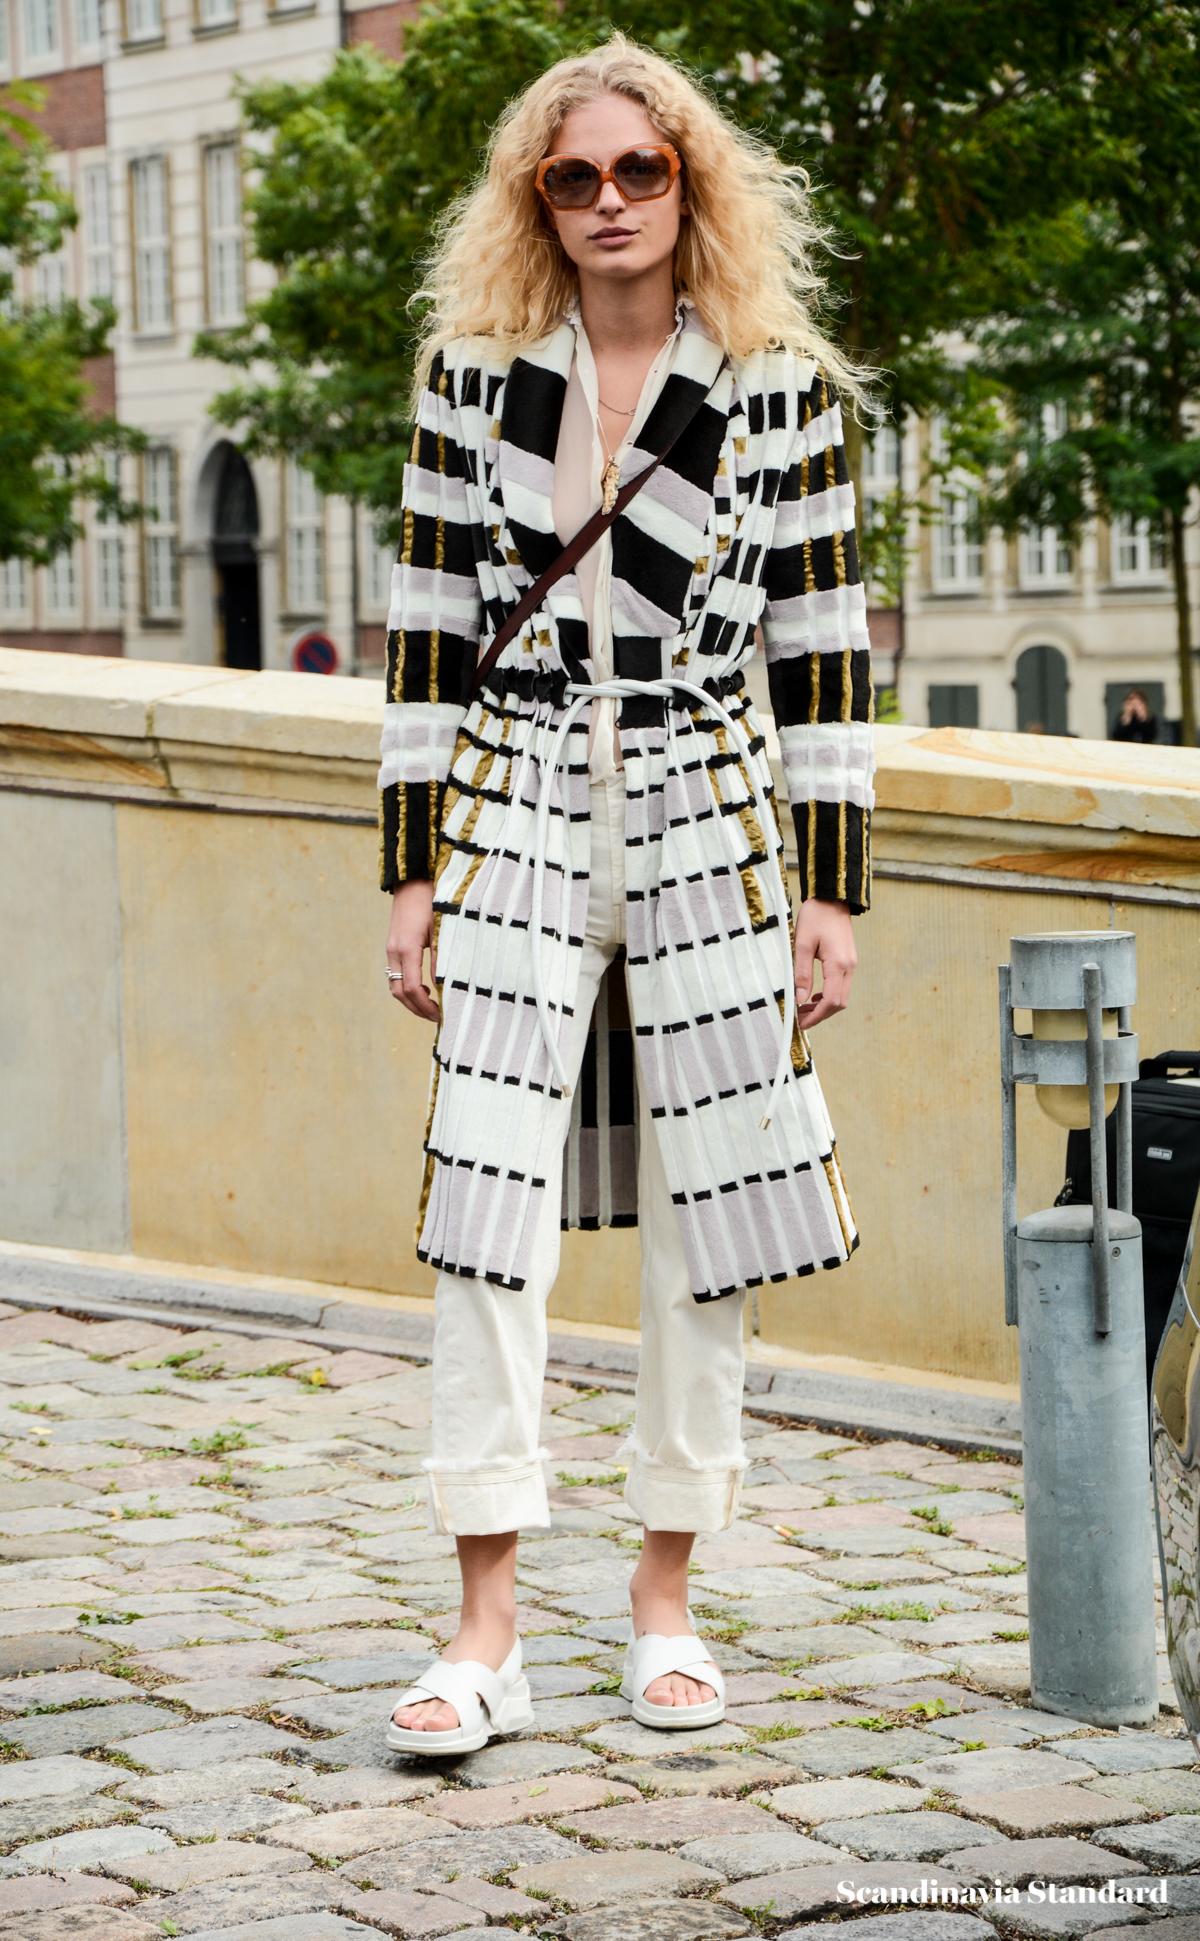 The Best Copenhagen Fashion Week Street Style SS17 | Scandinavia Standard - DSC_6425